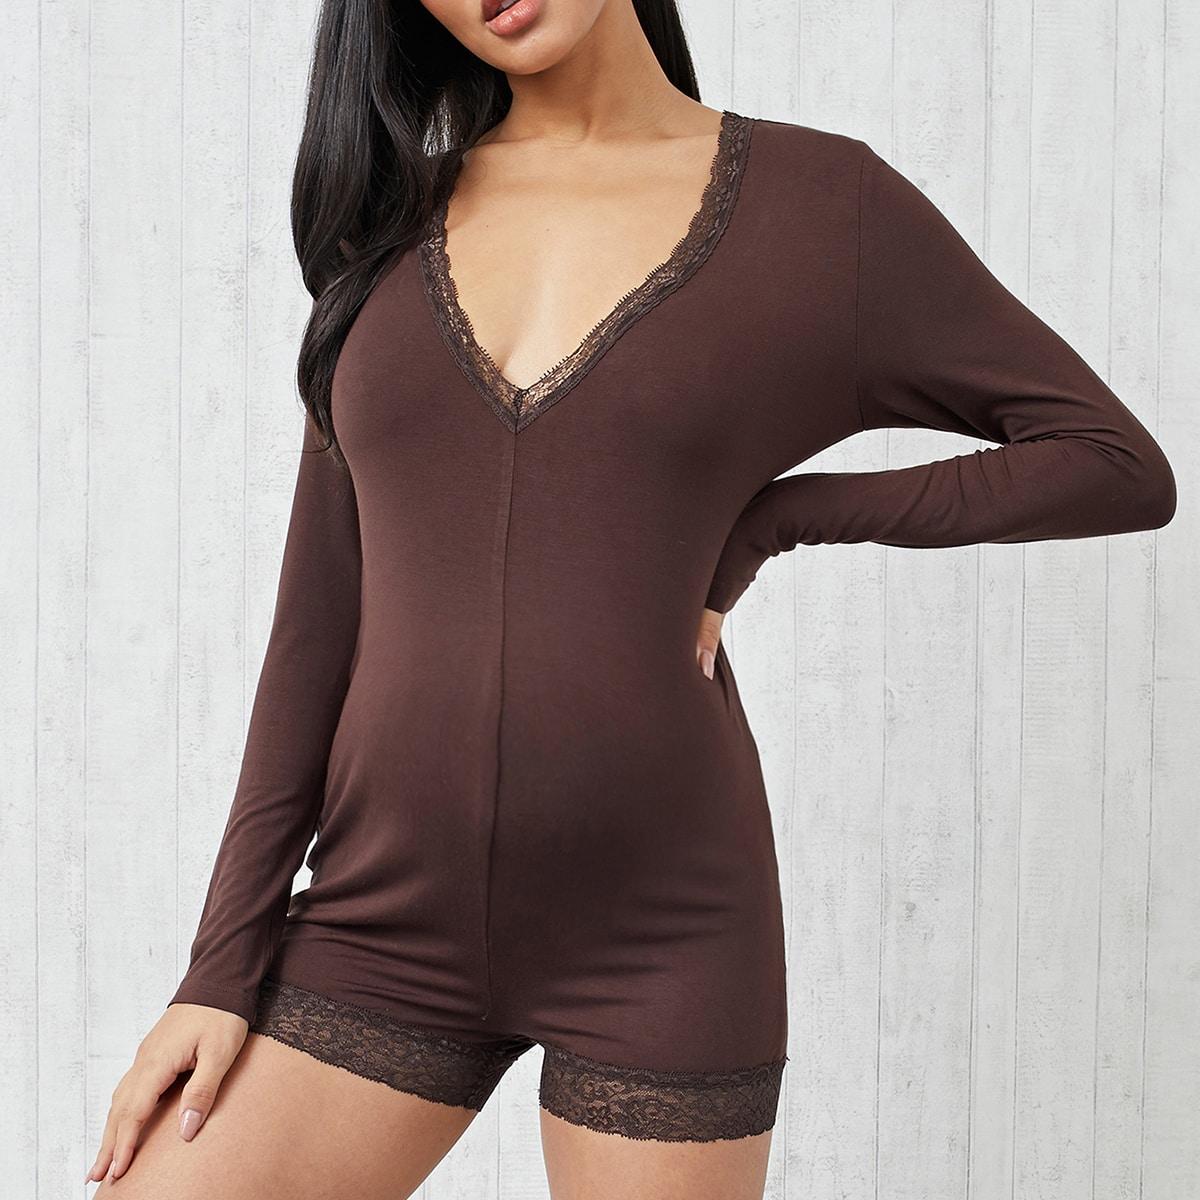 Контрастные кружева Одноцветный Повседневный Домашняя одежда для беременных